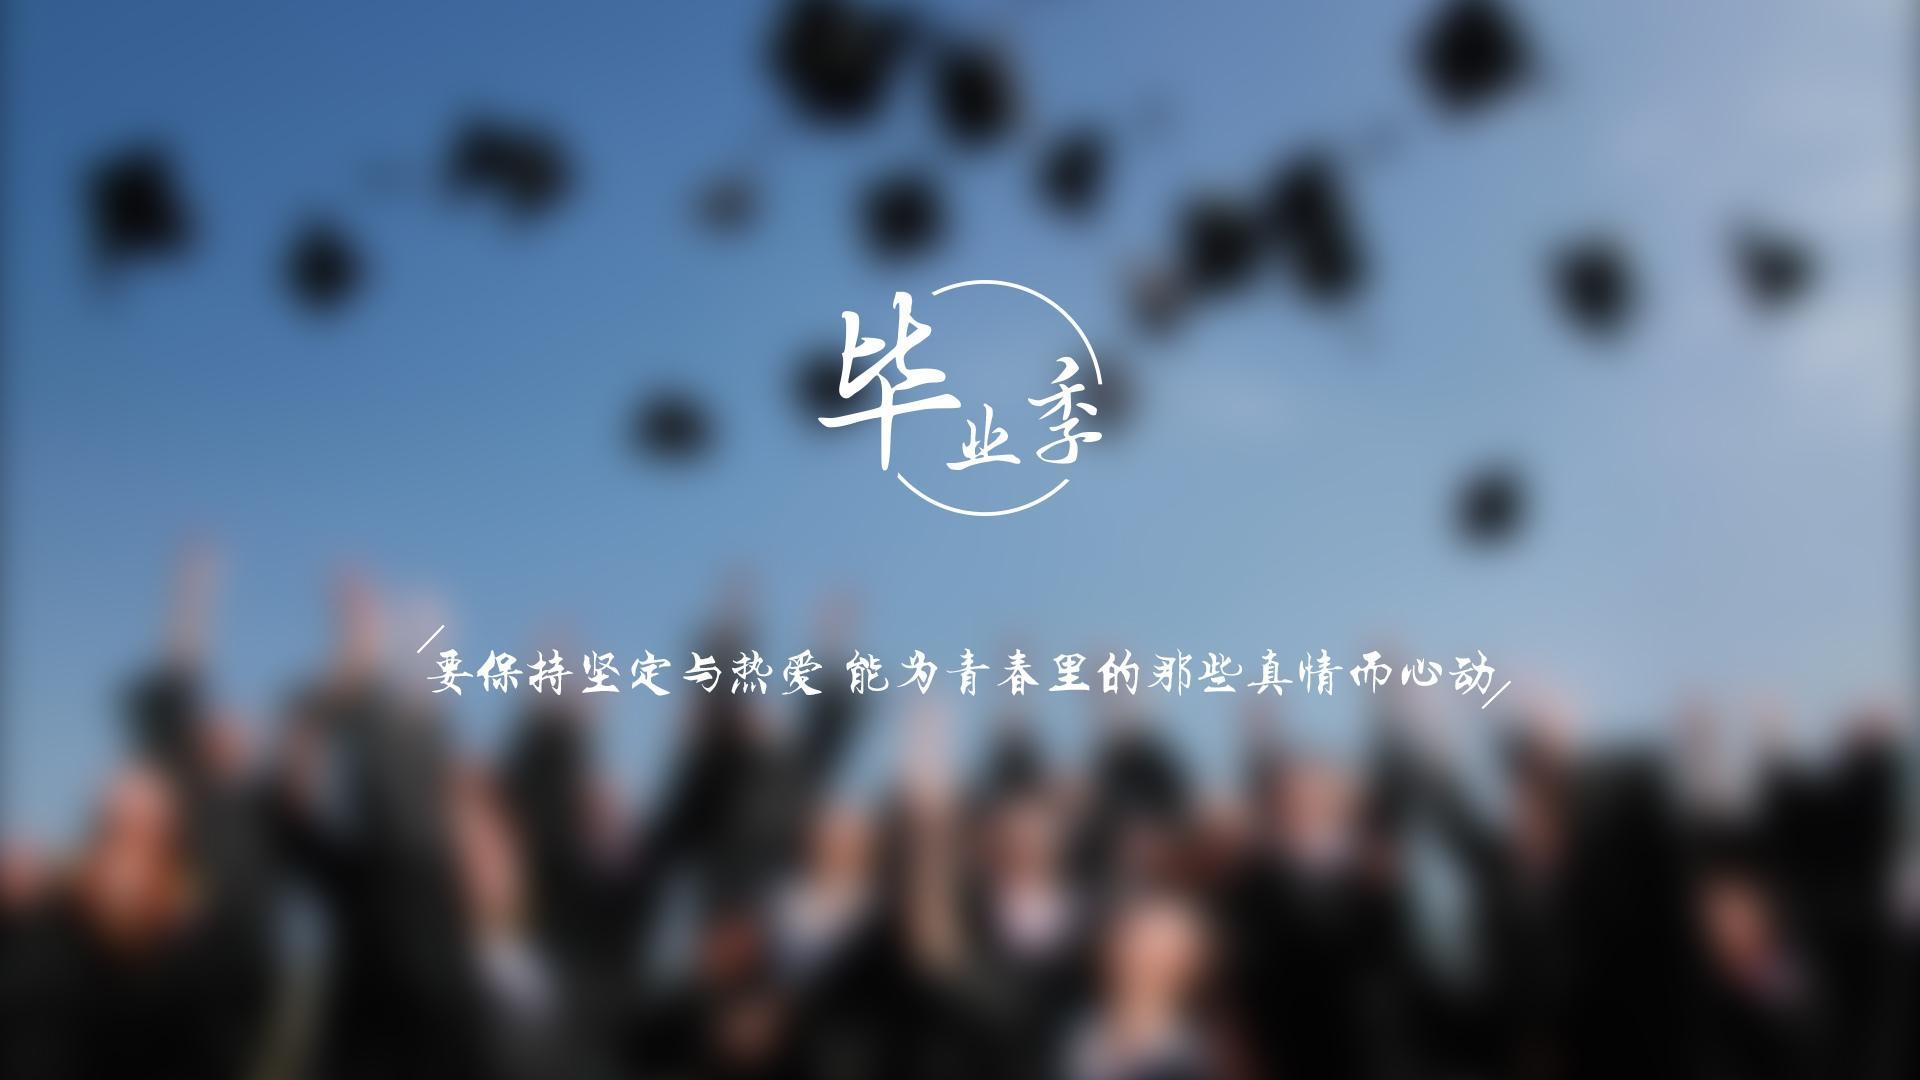 文字控,毕业季,,热爱青春,,,心动